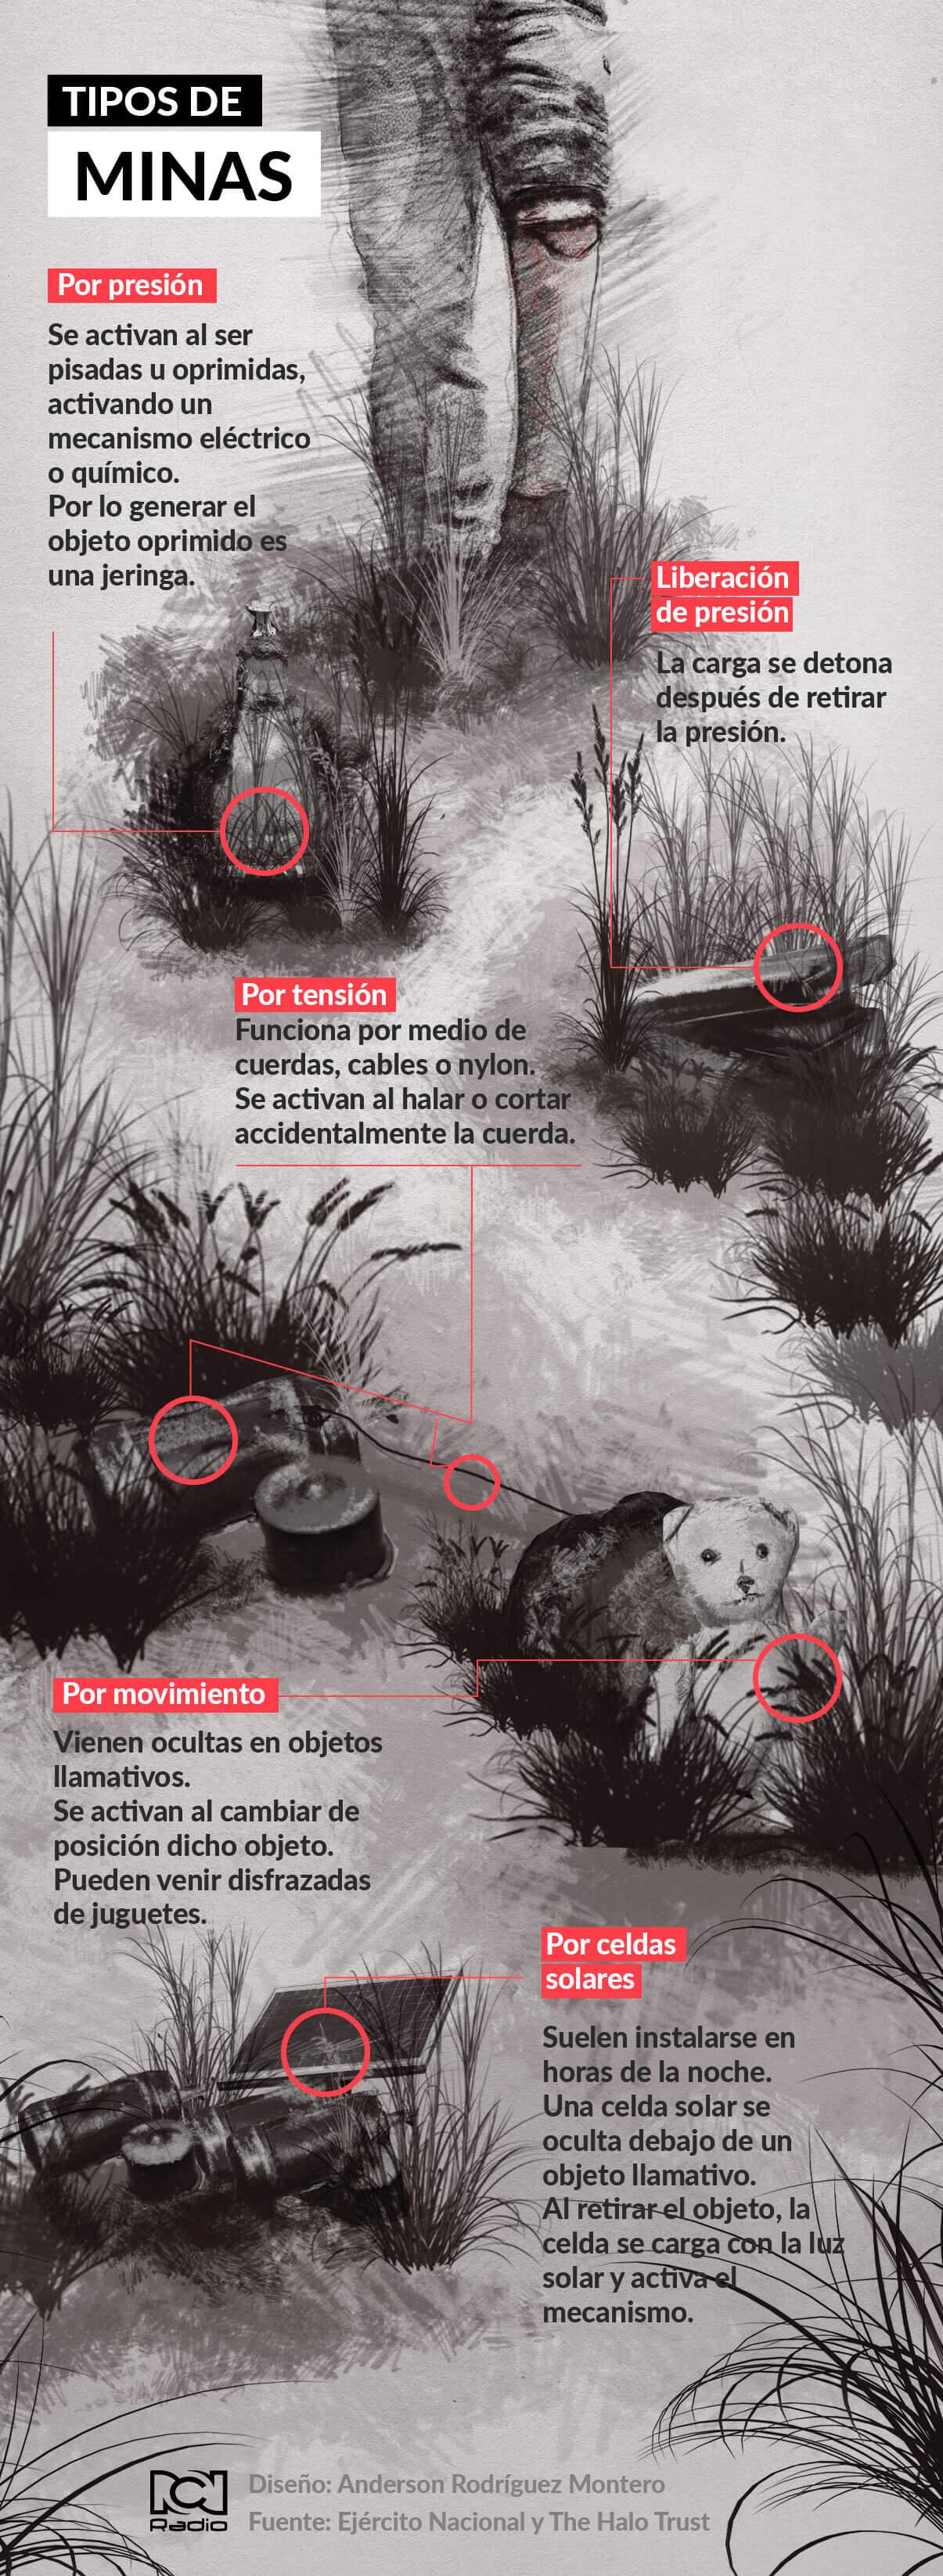 Tipos de minas en Colombia